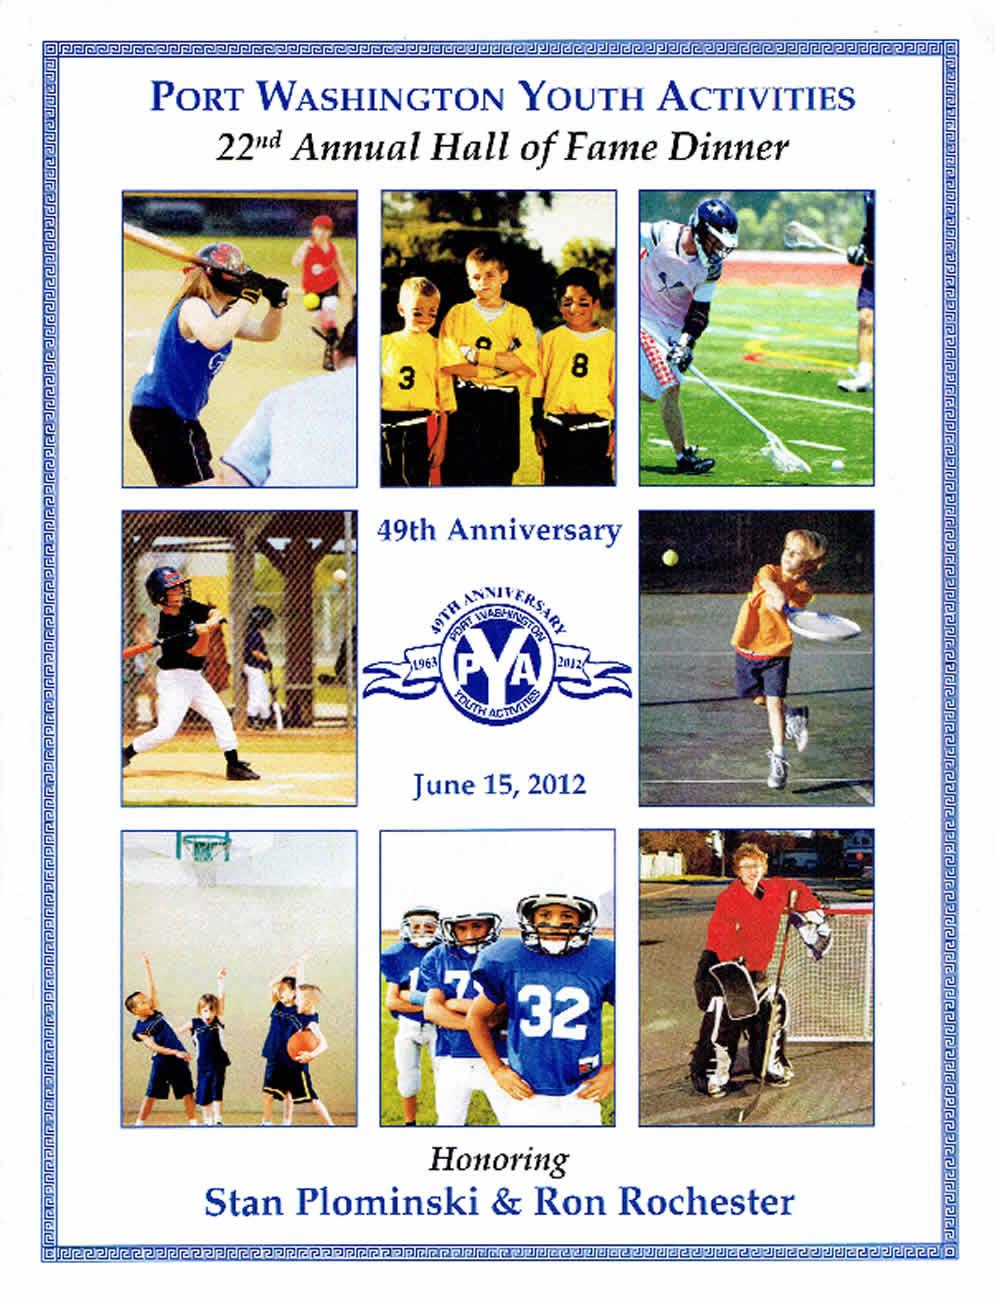 PYA-22nd Annual Hall of Fame Dinner 2